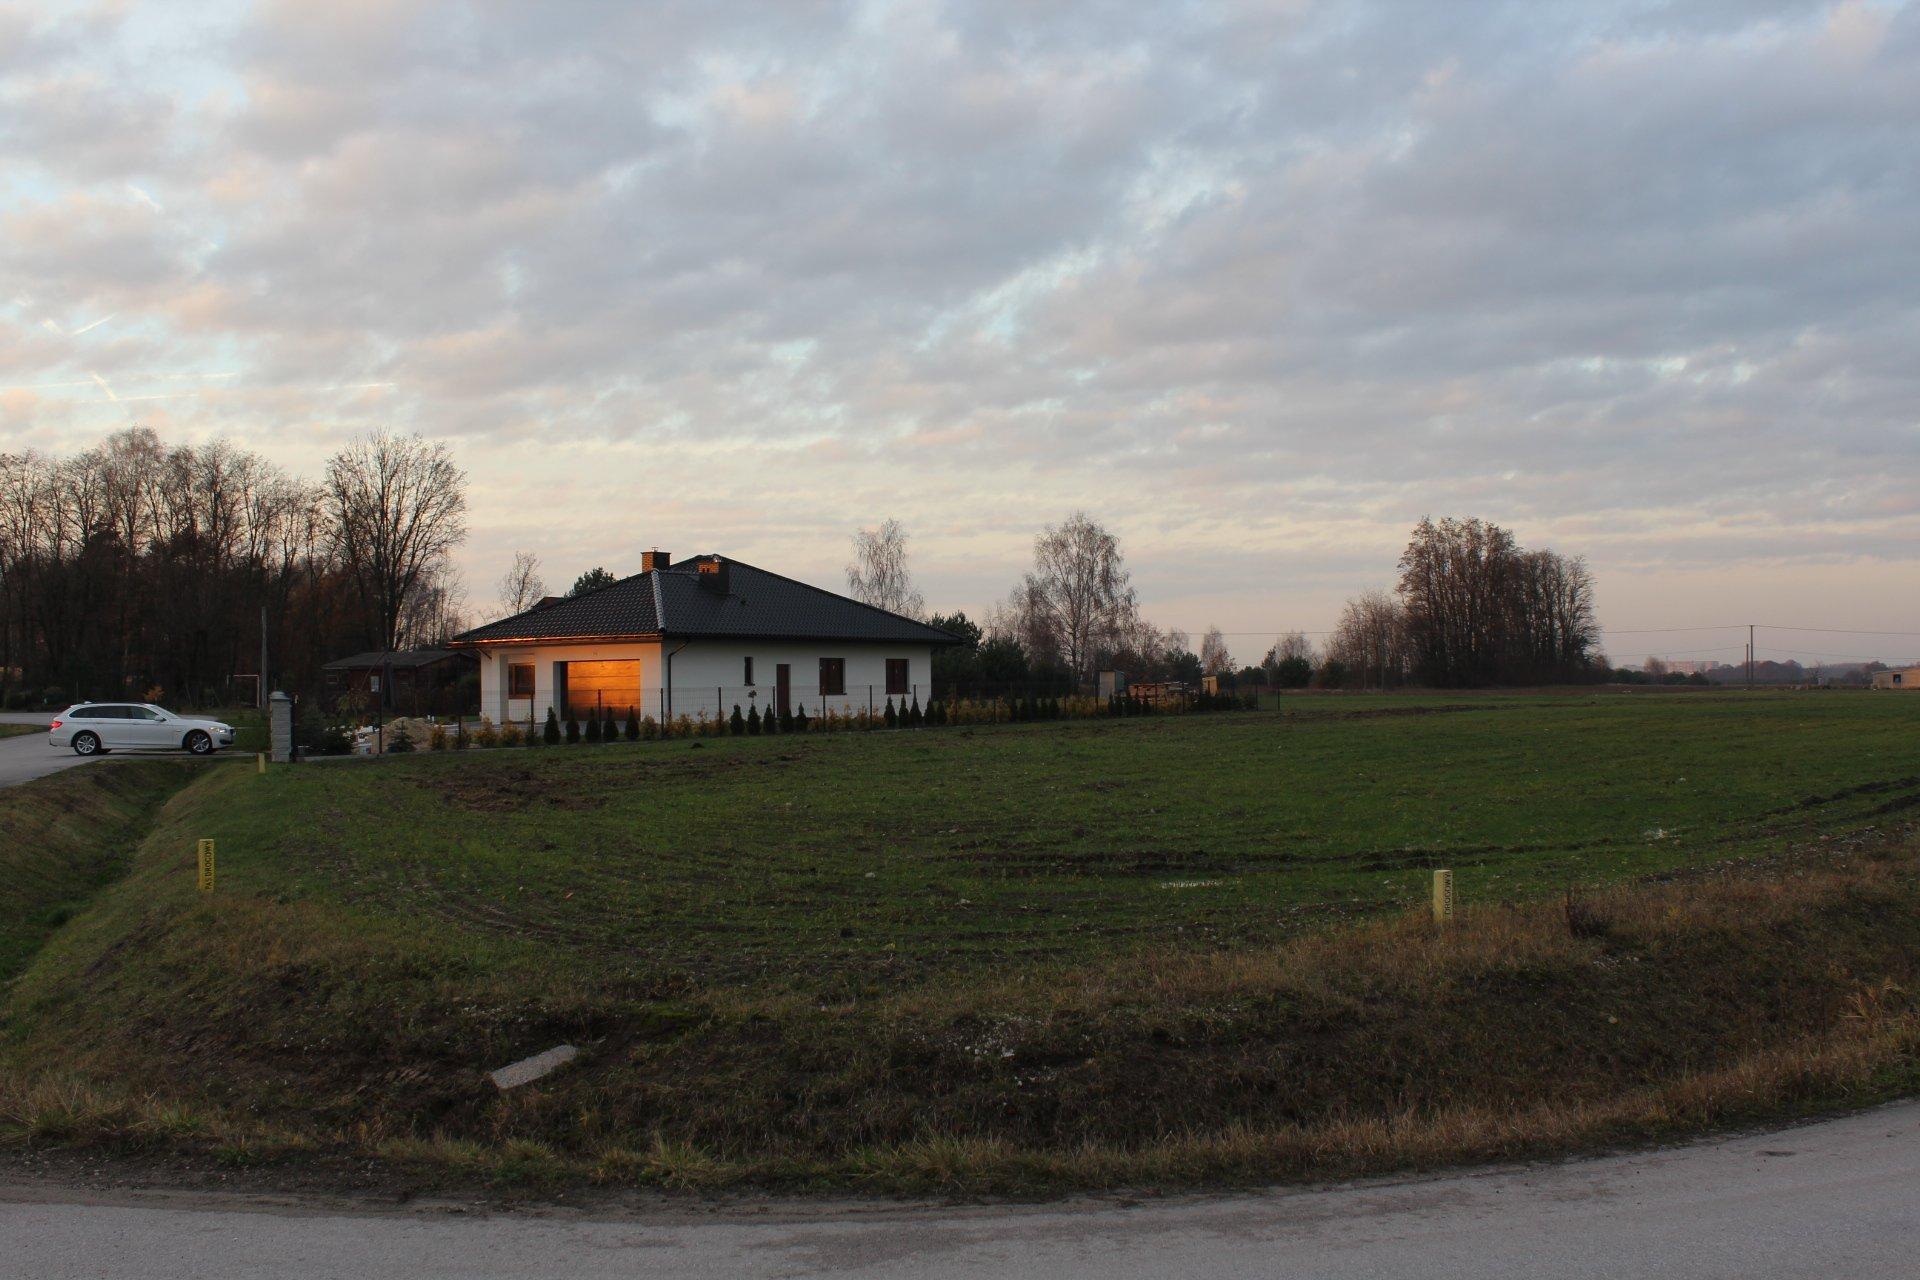 Działka Pabianice Jadwinin 1000m2 spokojna okolica